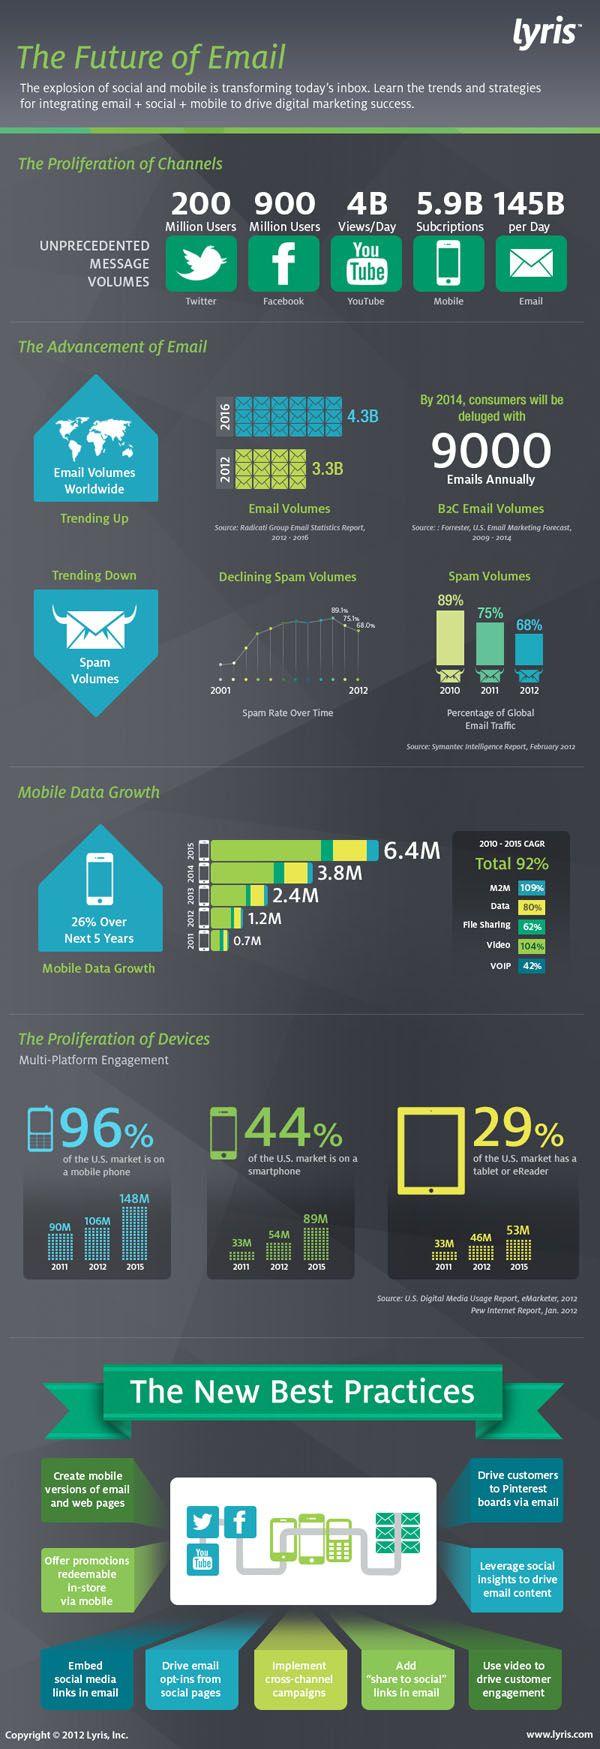 Sosiale medier og 'mobile first' bølgen revolusjonerer innboksen - her er de nye best practices for epost markedsføring [Infographic]